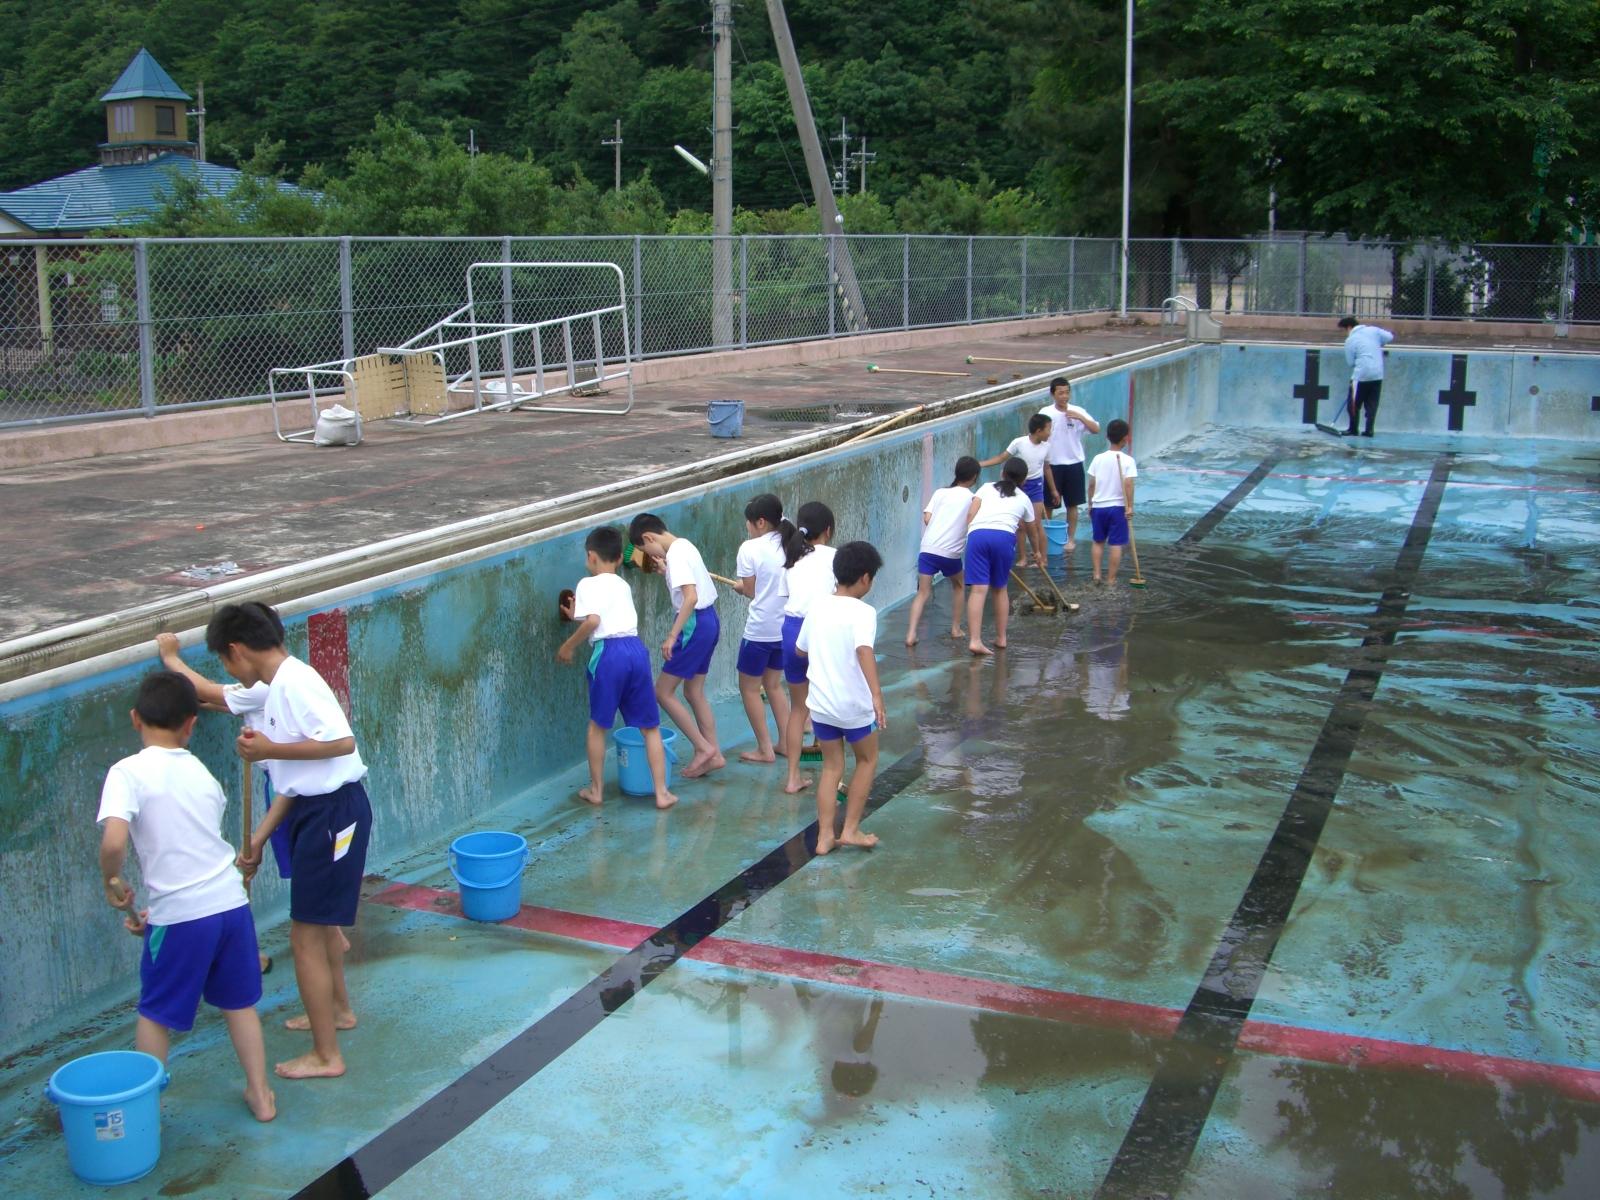 おおい町立名田庄小学校: プール掃除 おおい町立名田庄小学校 2012... おおい町立名田庄小